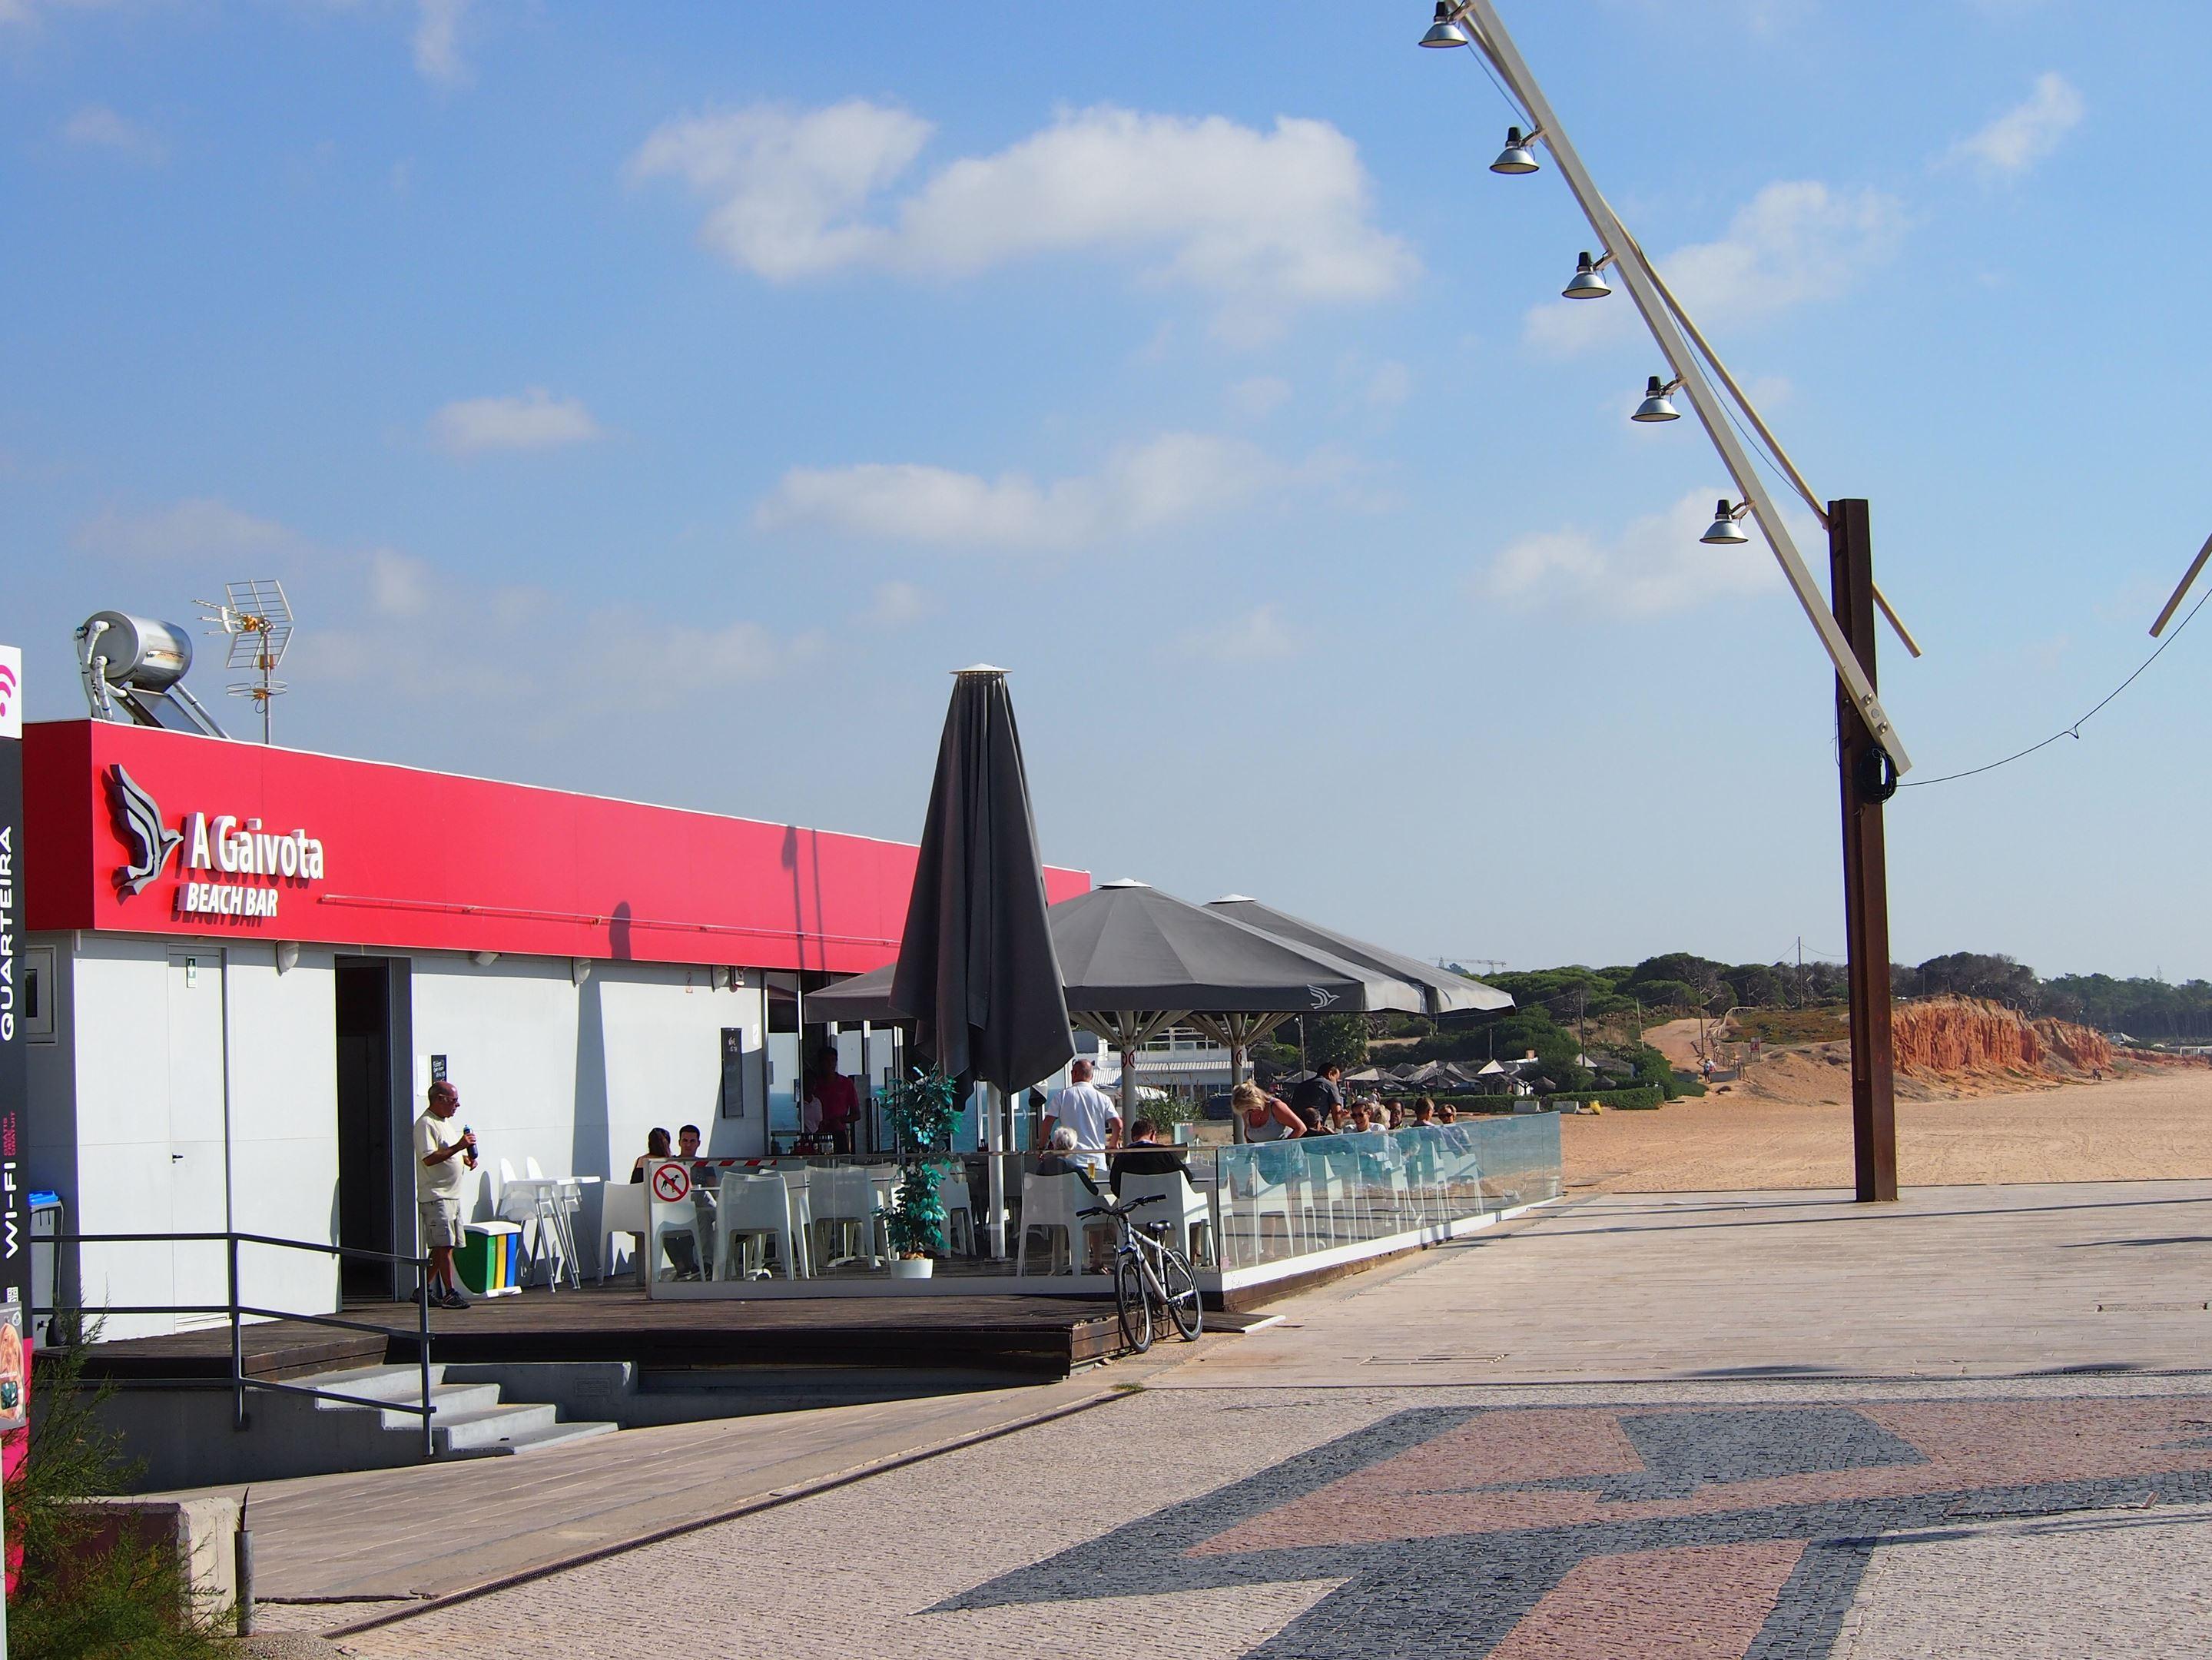 Gaivota Beach Bar, Quarteira, Algarve